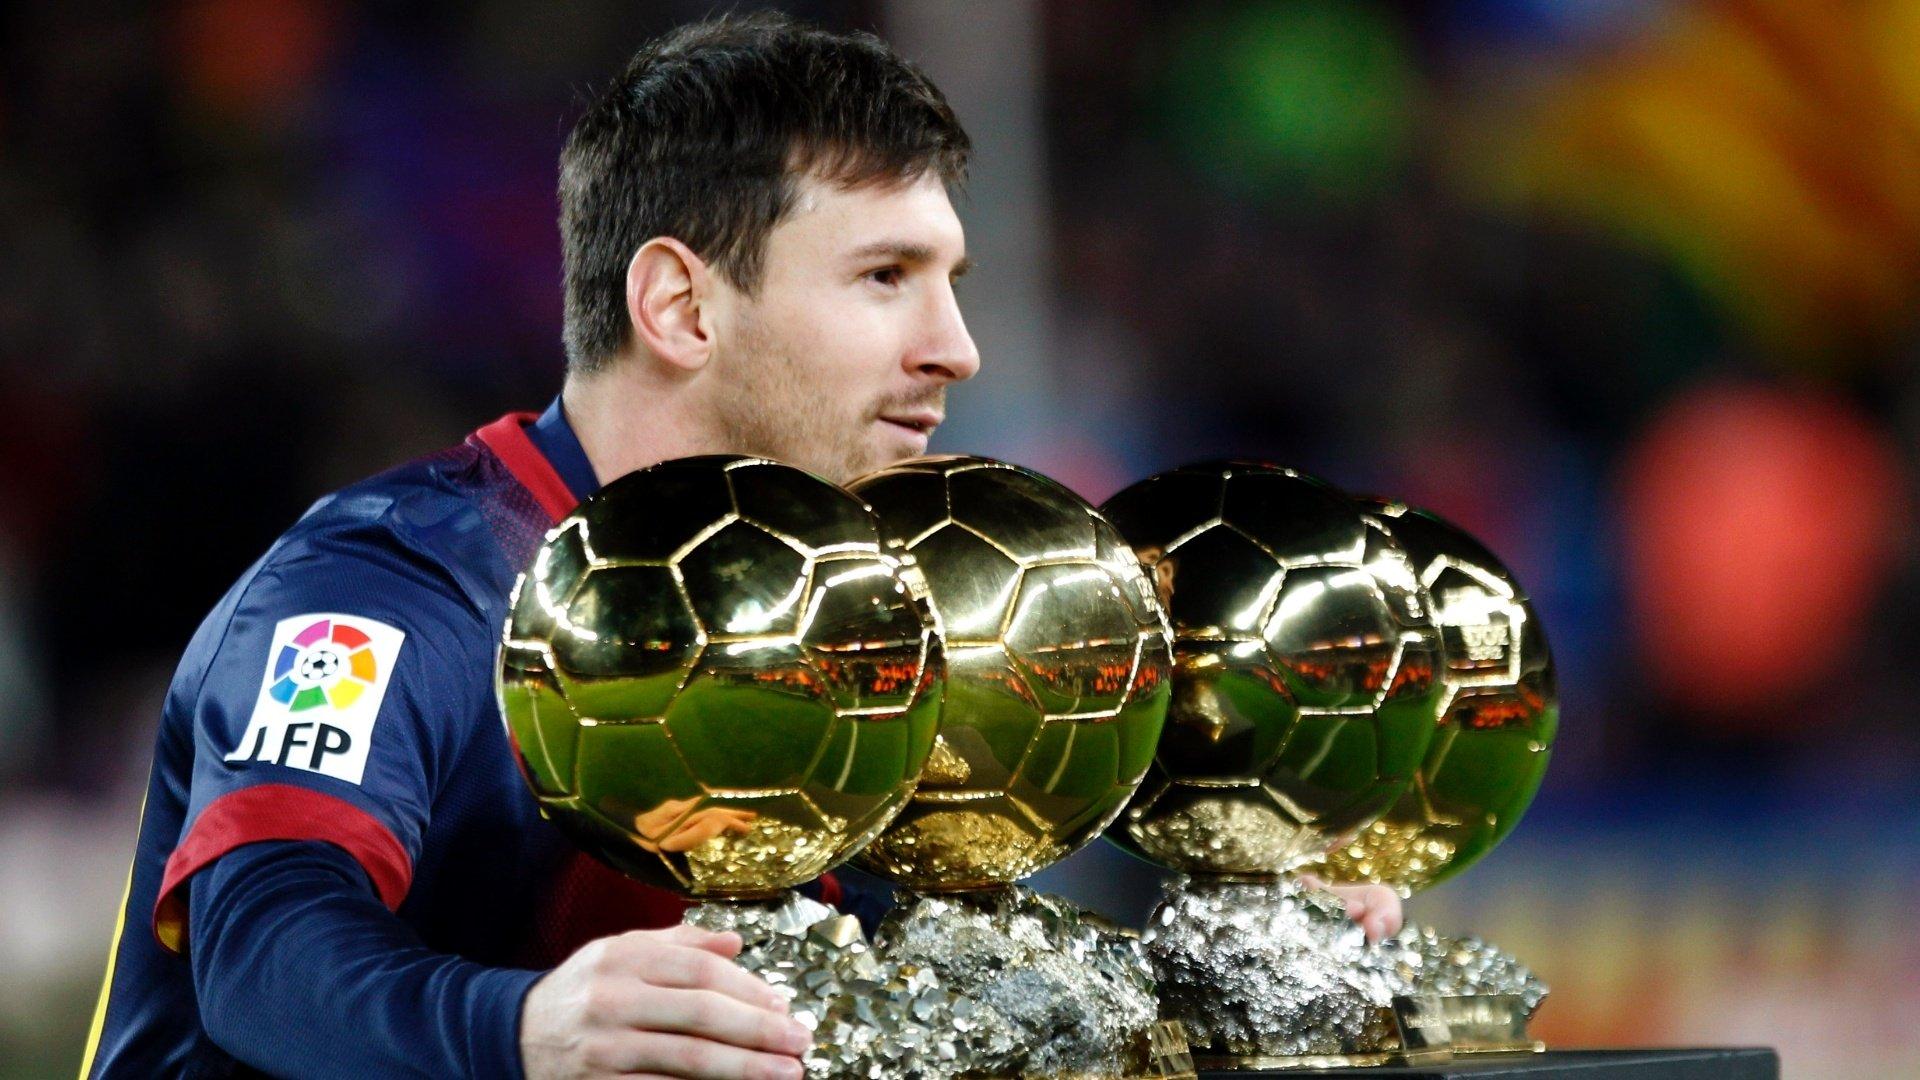 Ronaldo Vs Messi Wallpaper 2014 Les Insolites de Basil...